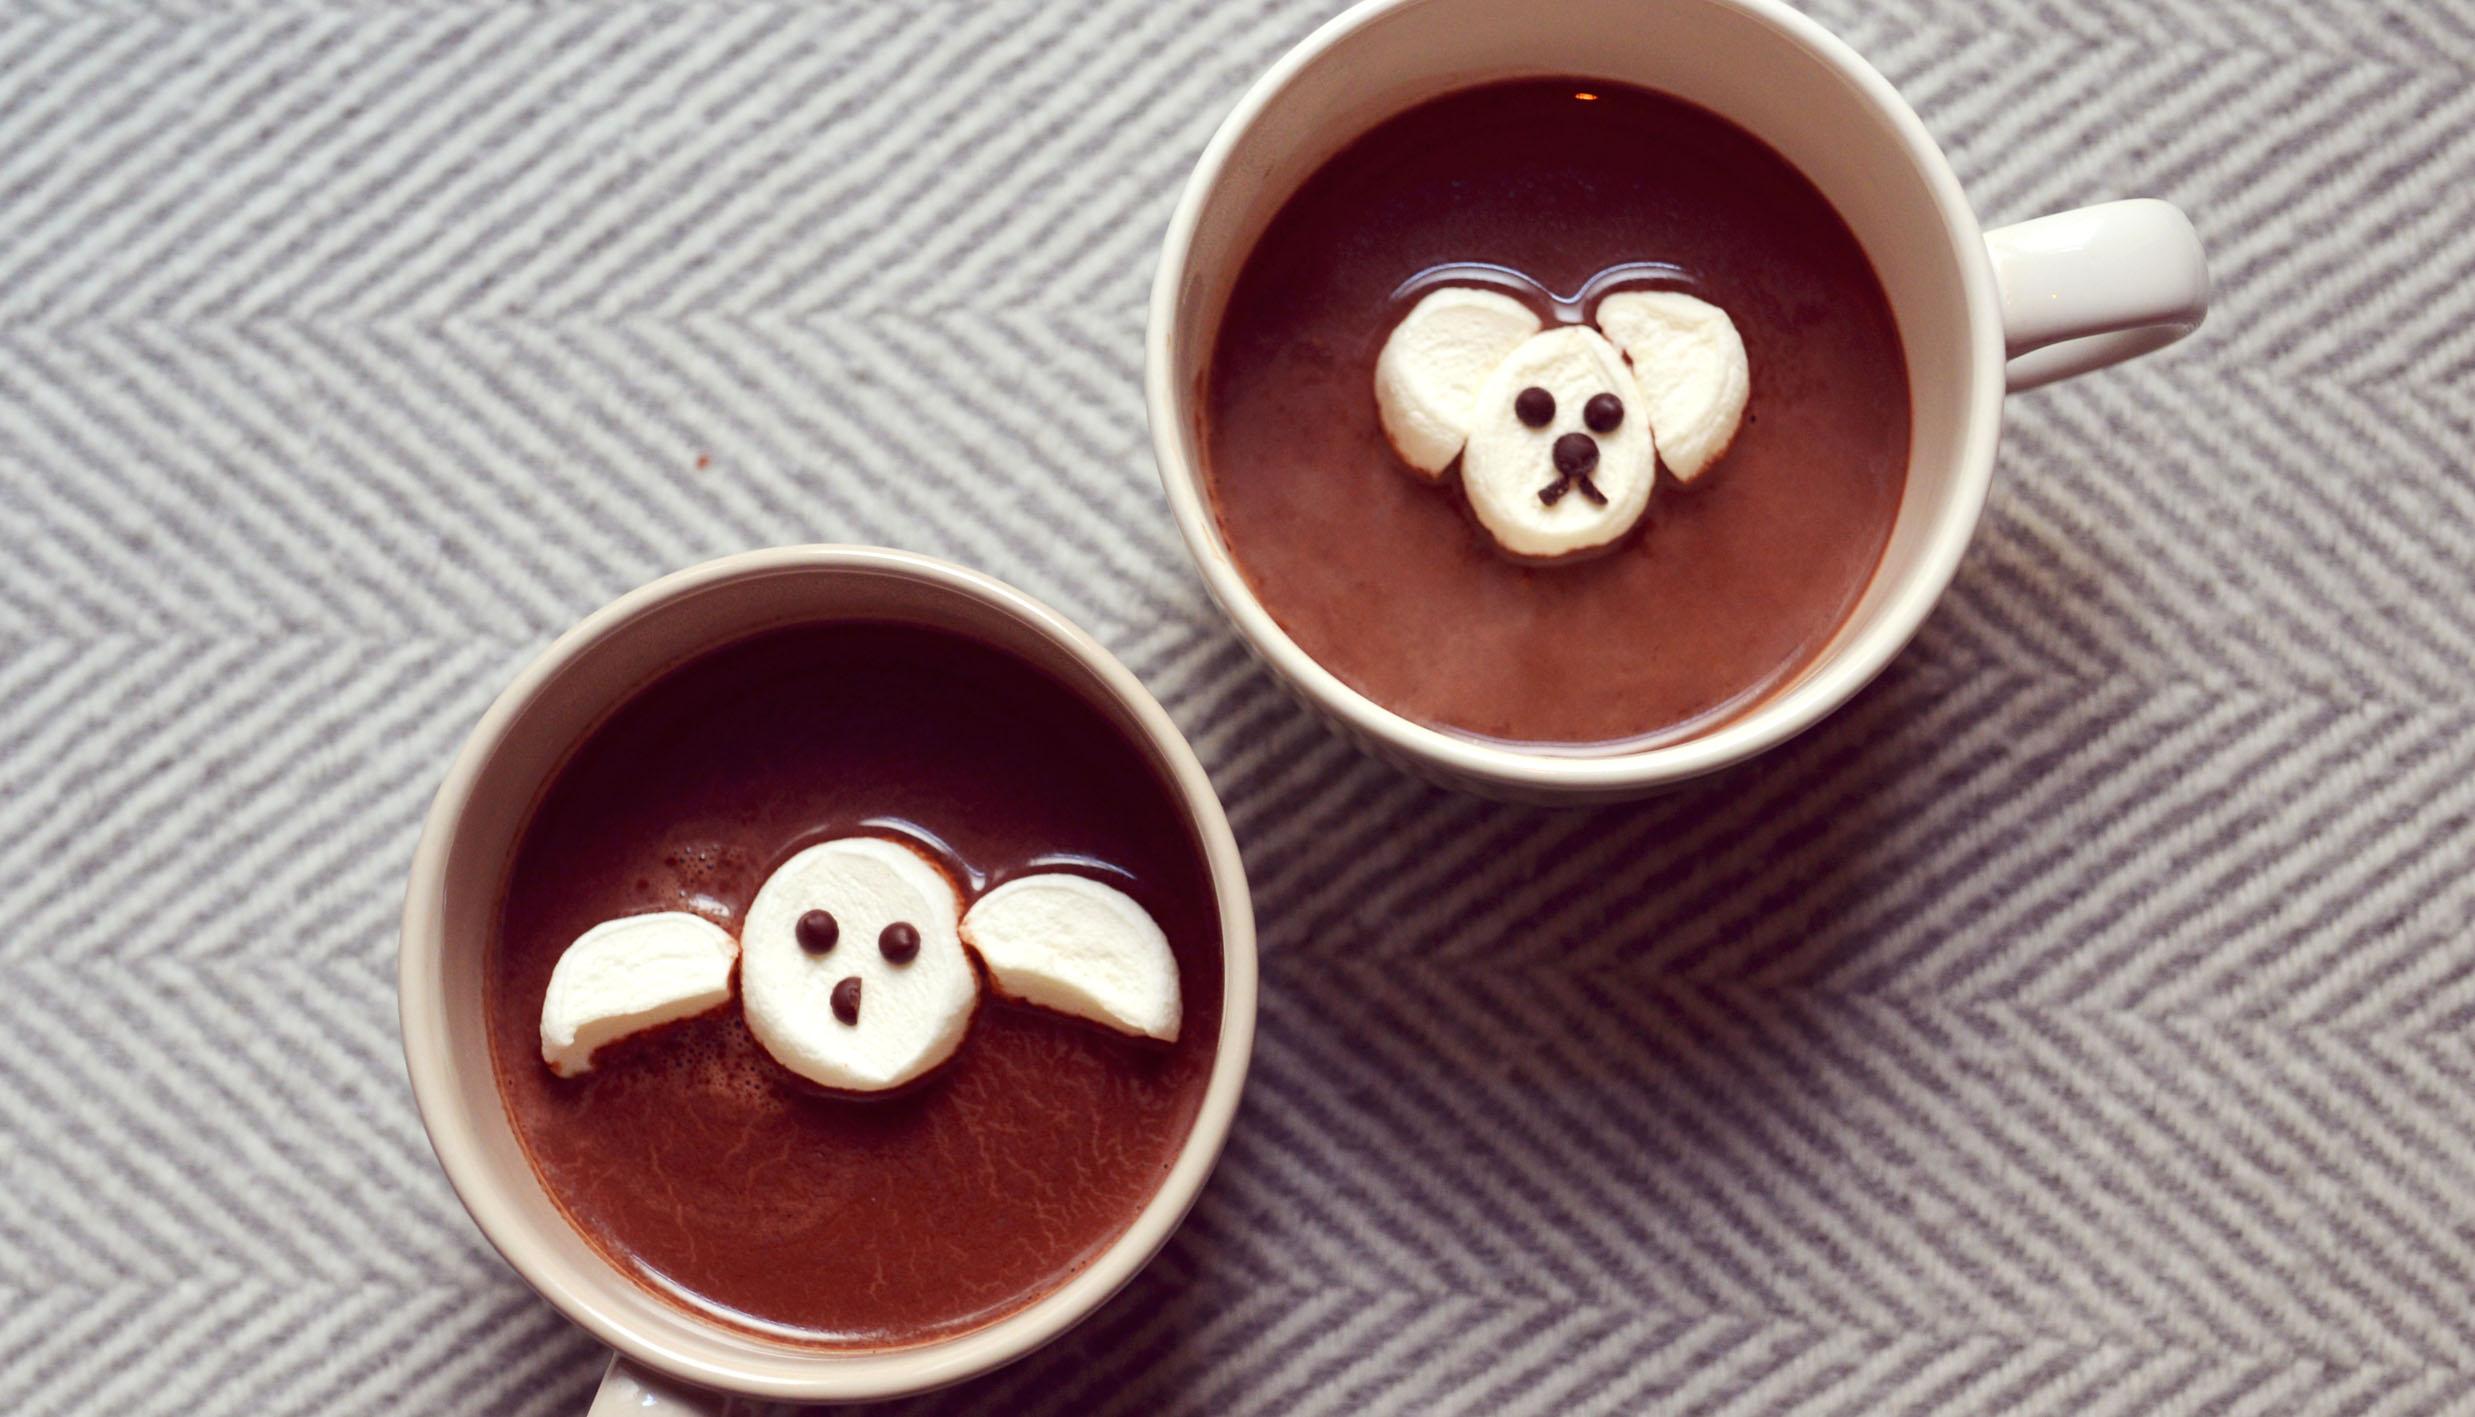 varm chokolade